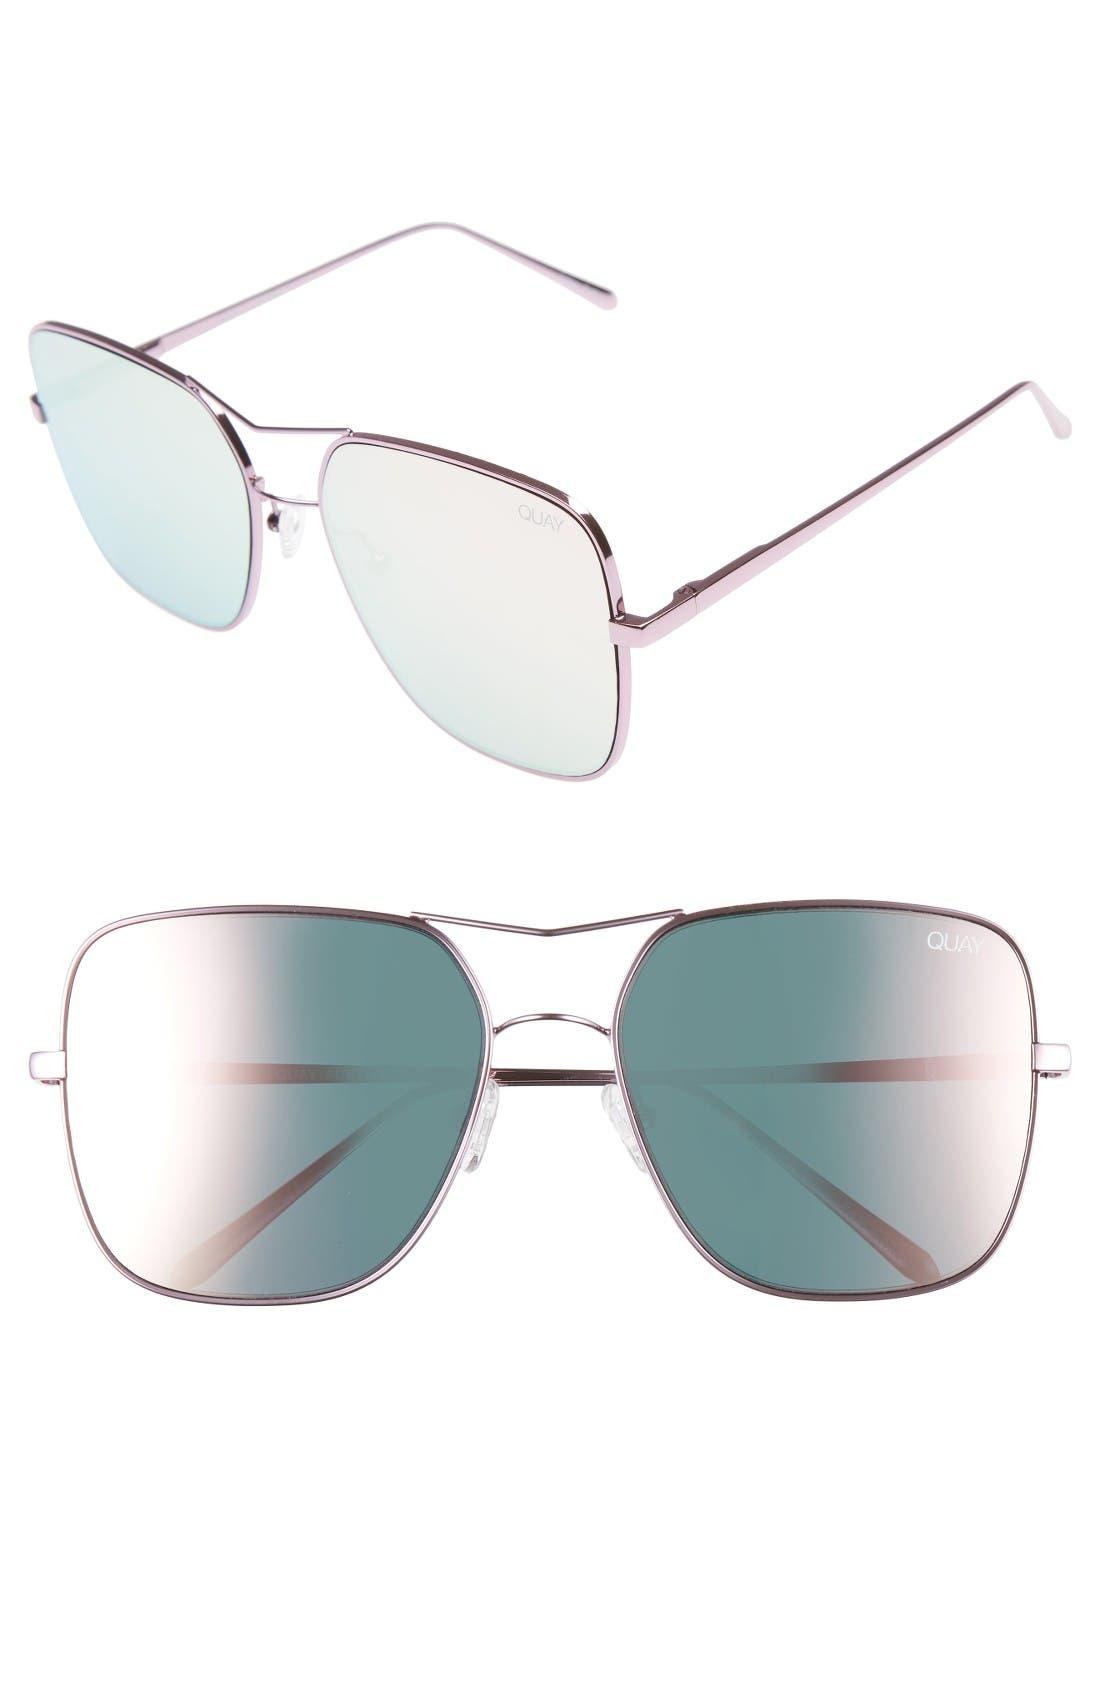 QUAY AUSTRALIA Stop & Stare 58mm Square Sunglasses